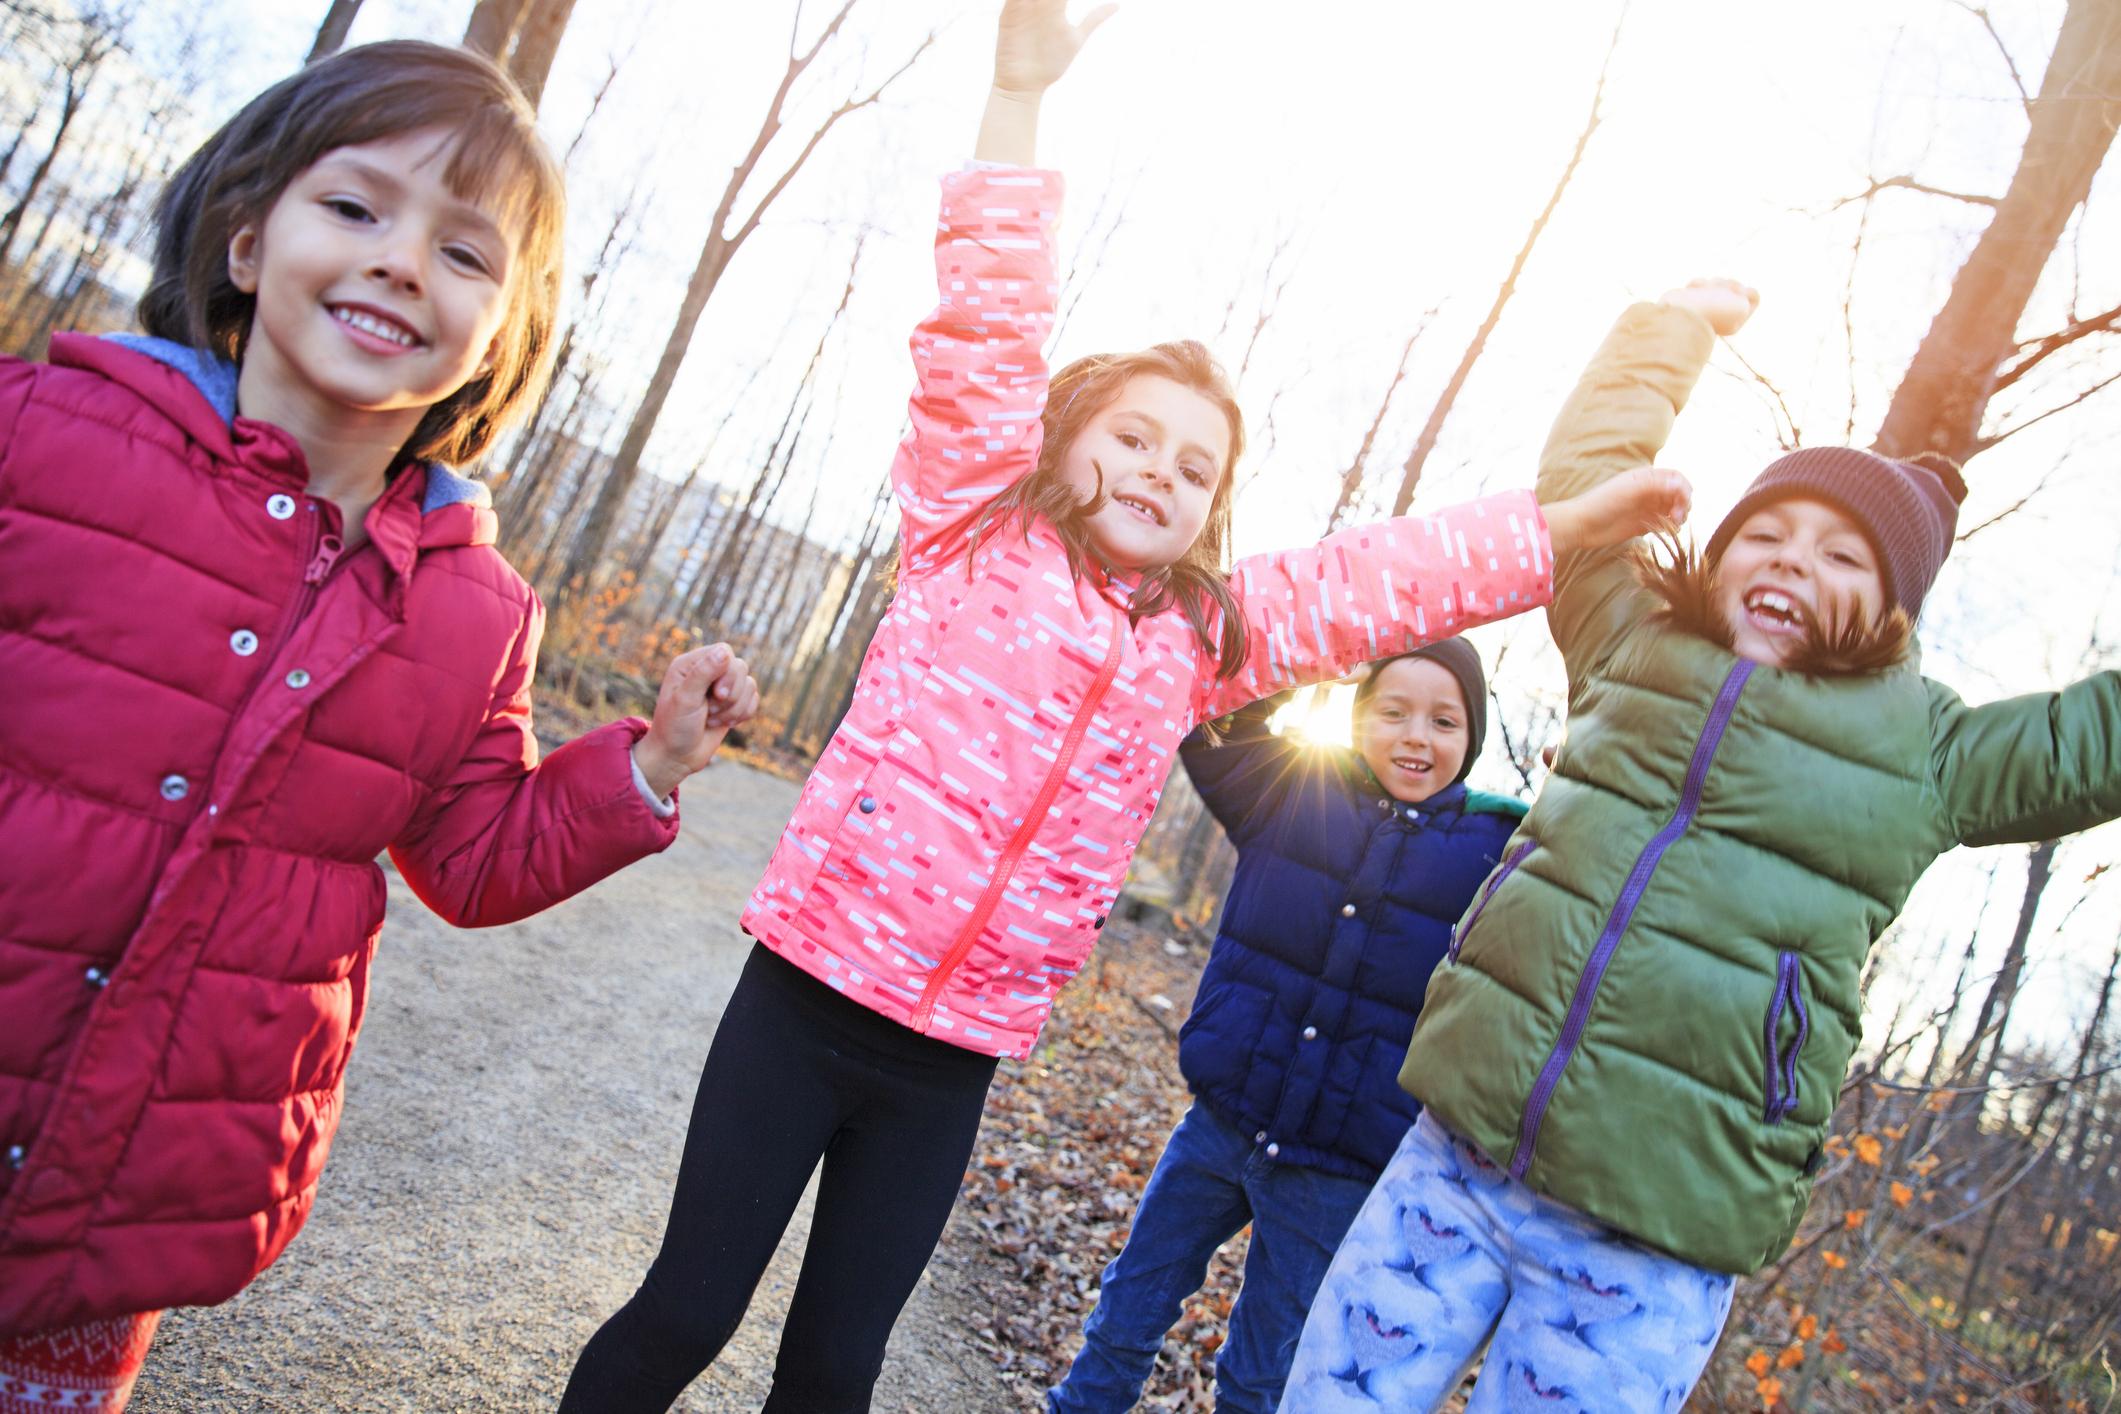 Especial: ¡Las vacaciones de invierno se disfrutan con FMDOS!